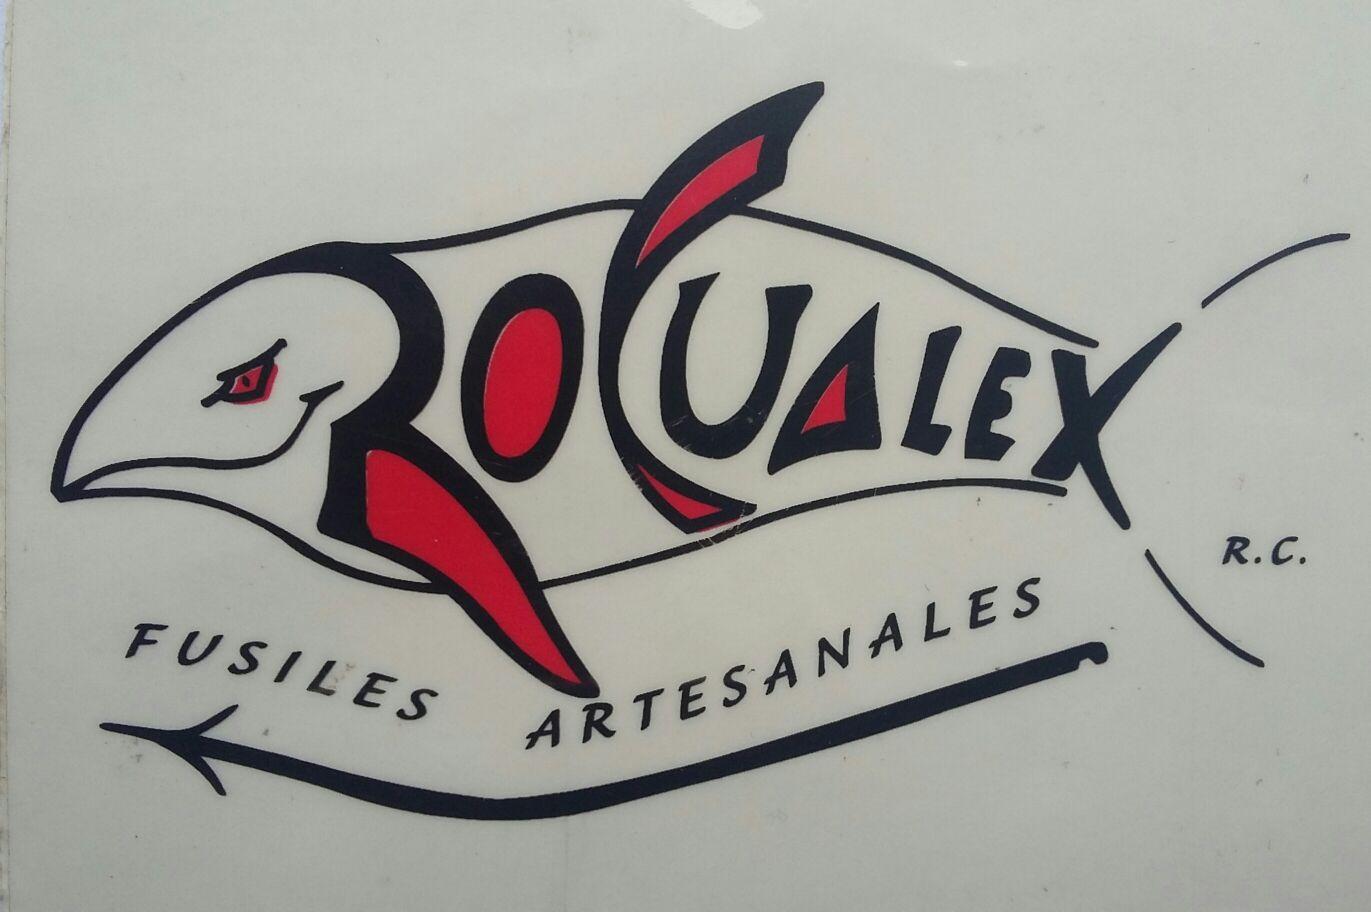 FUSILES ROCUALEX